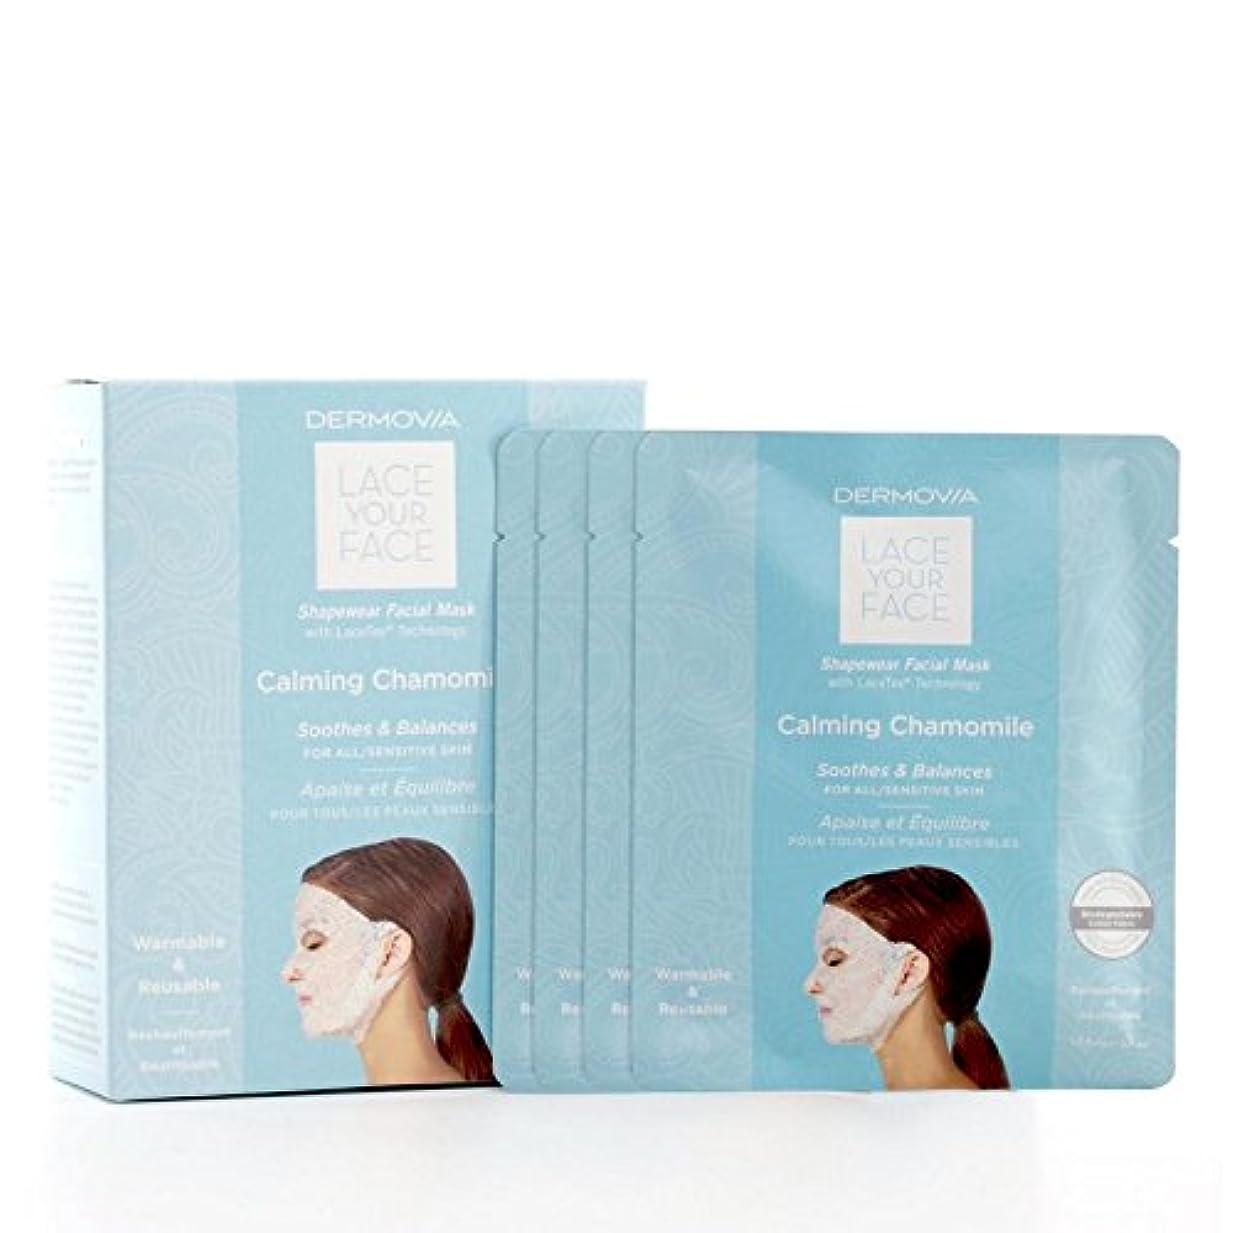 刻む説明フレッシュDermovia Lace Your Face Compression Facial Mask Calming Chamomile - は、あなたの顔の圧縮フェイシャルマスク心を落ち着かせるカモミールをひもで締めます [...